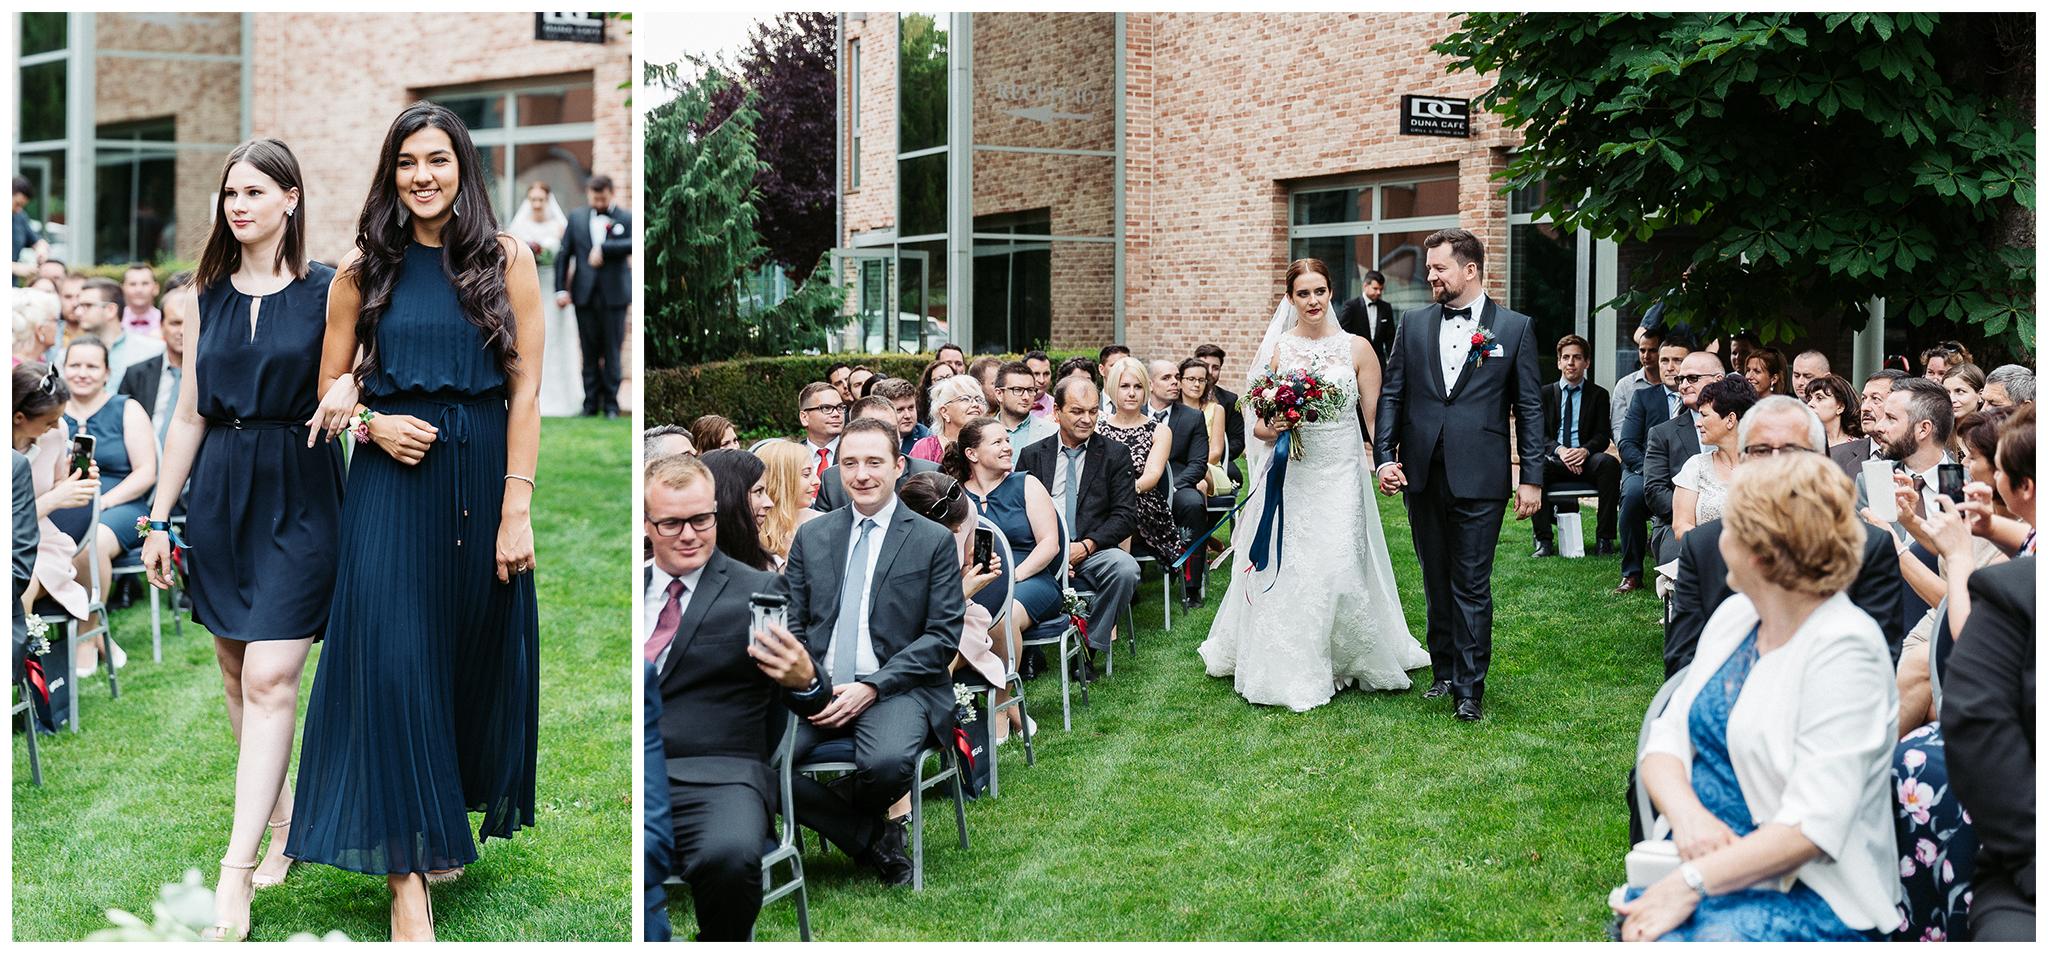 MONT_FylepPhoto, Esküvőfotós Vasmegye, Esküvő fotózás, Esküvői fotós, Körmend, Vas megye, Dunántúl, Budapest, Fülöp Péter, Jegyes fotózás, jegyes, kreatív, kreatívfotózás,Wien,Ausztira,Österreich,hochzeitsfotograf_V&M_027.jpg